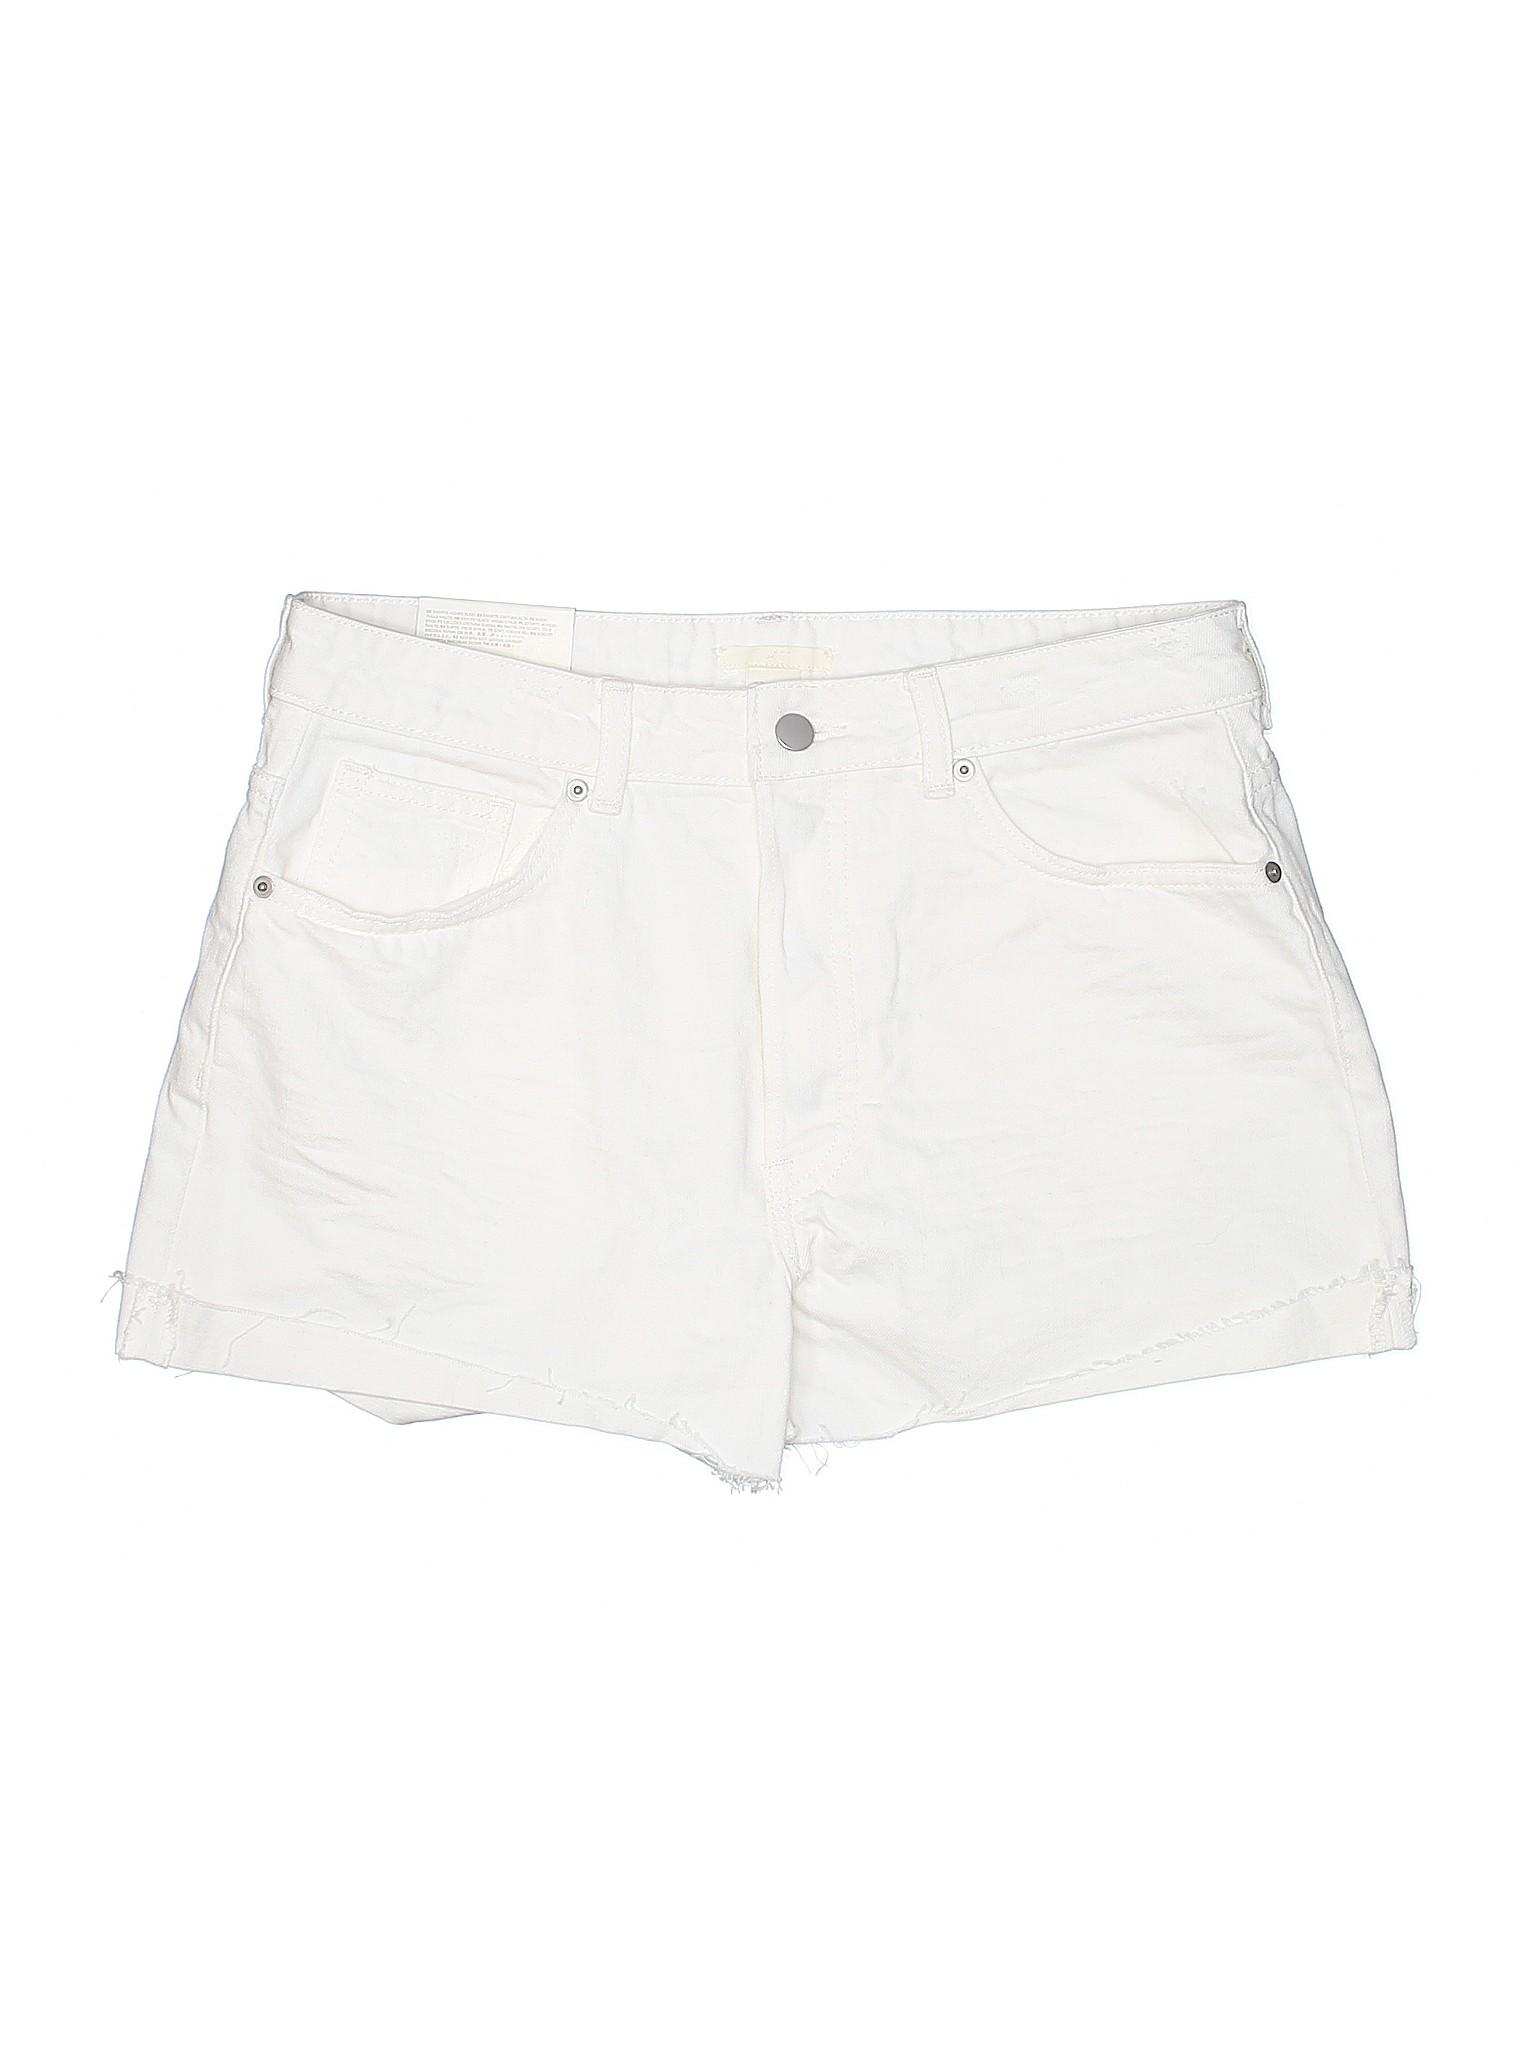 H Boutique Shorts amp;M Denim amp;M Boutique Denim H H Shorts Boutique amp;M UwCUnBq